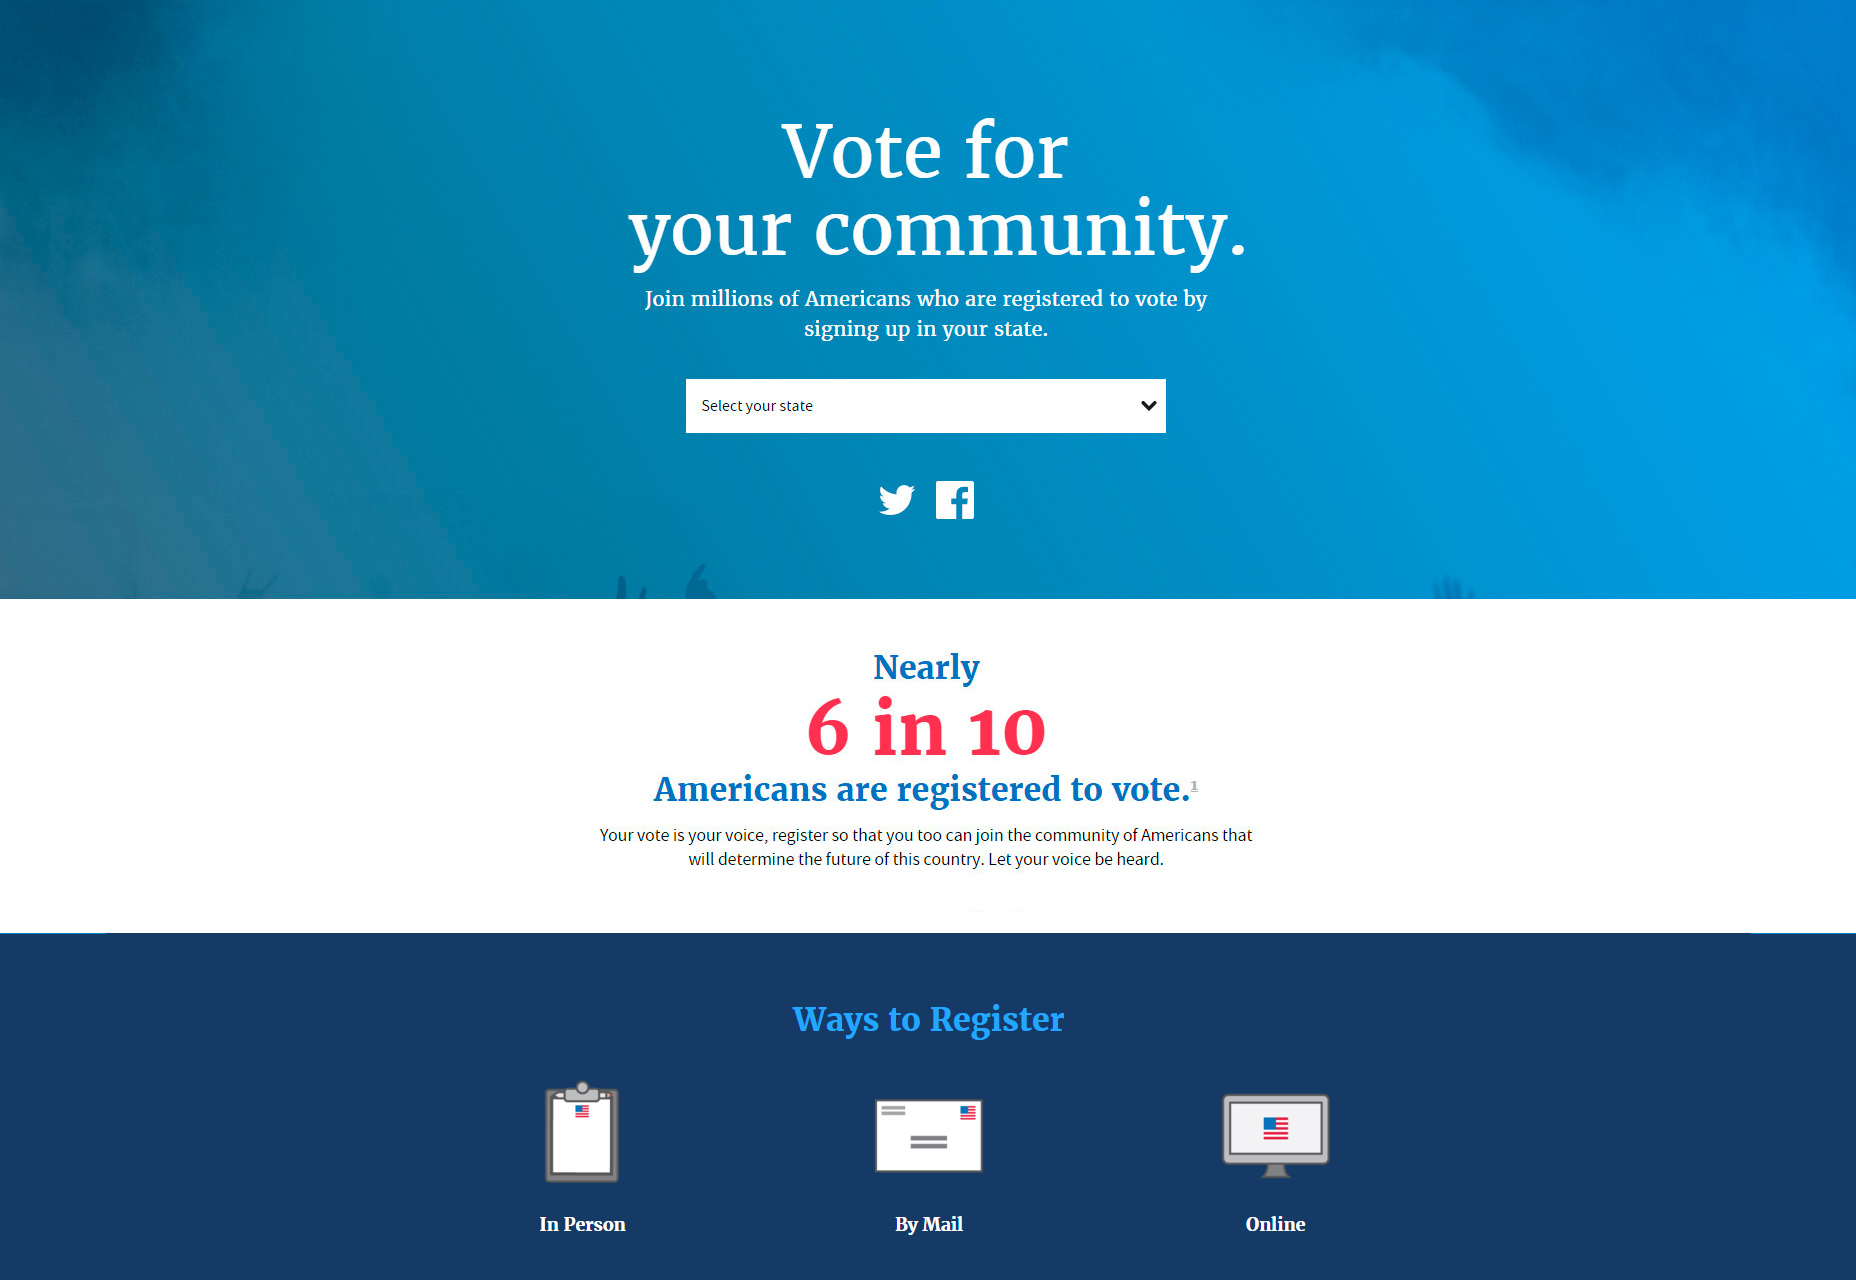 us-web-design-standards